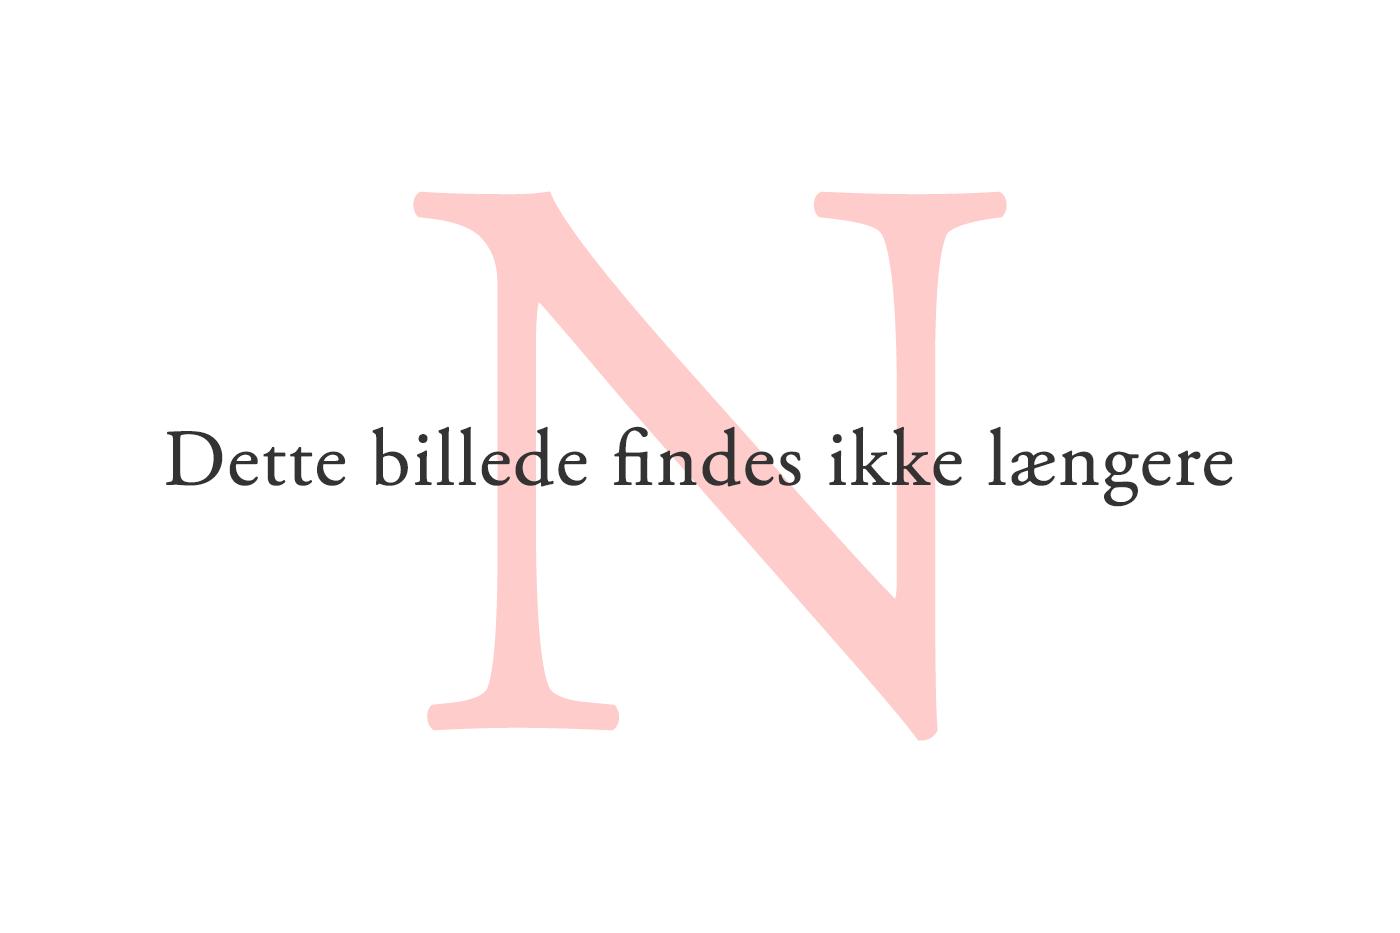 Dansk Folkeparti ønsker at hammeren skal falde endnu hårdere overfor mordere. Foto: Pixabay